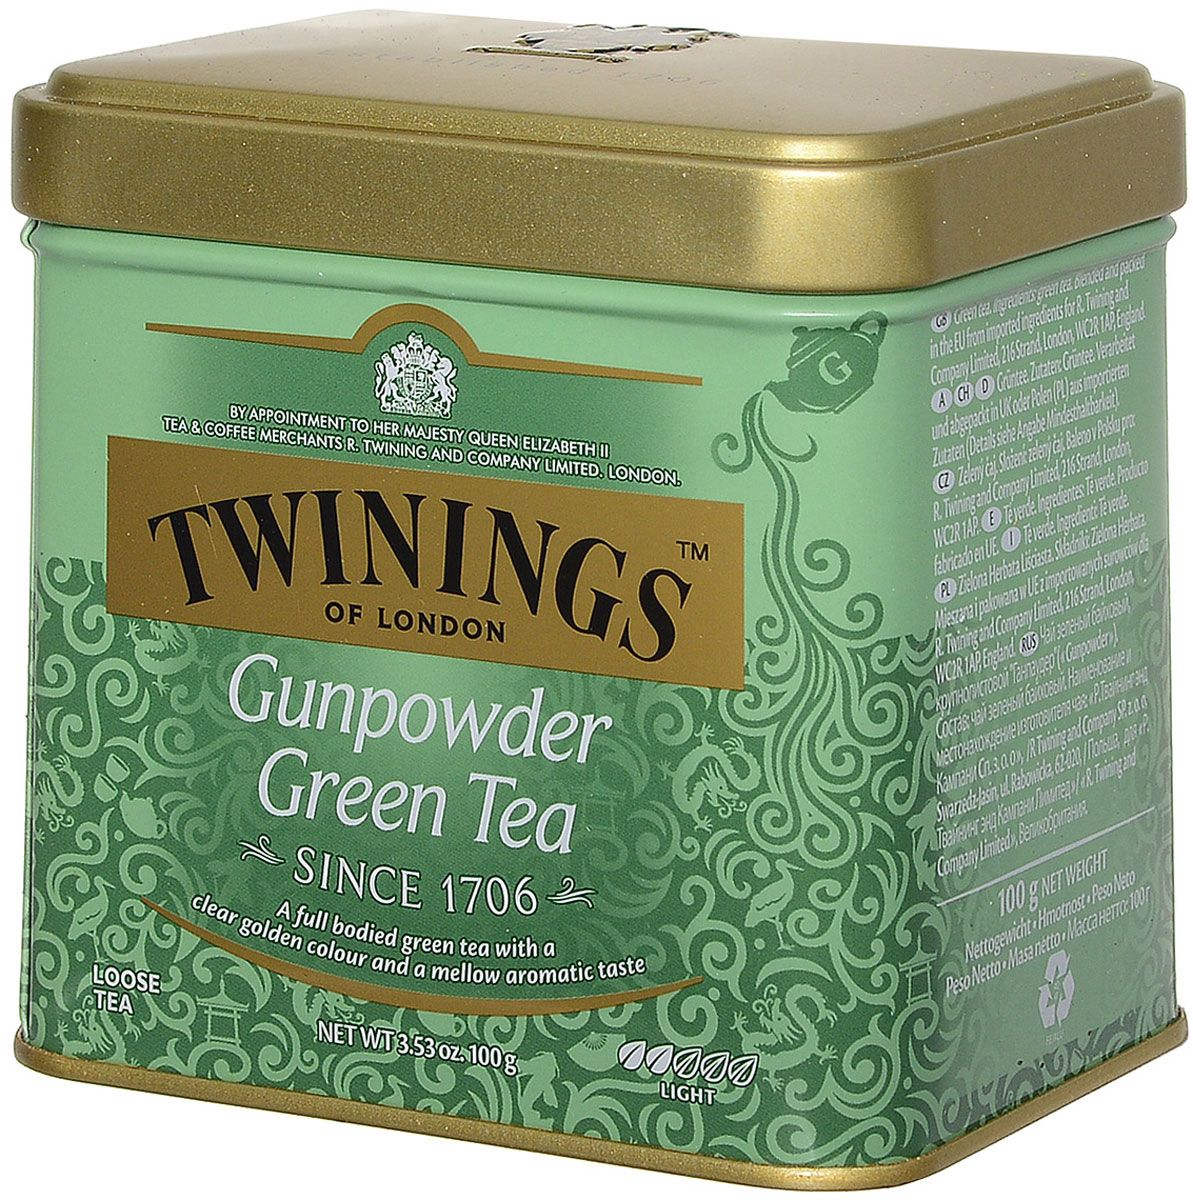 Twinings Gunpowder чай зеленый листовой, 100 г101246Twinings Gunpowder - крупнолистовой зеленый чай, скрученный в форме пороха, имеет вид мелкой дроби или картечи. При заваривании получается душистый прозрачный напиток светло-золотистого цвета с мягким бархатистым вкусом.